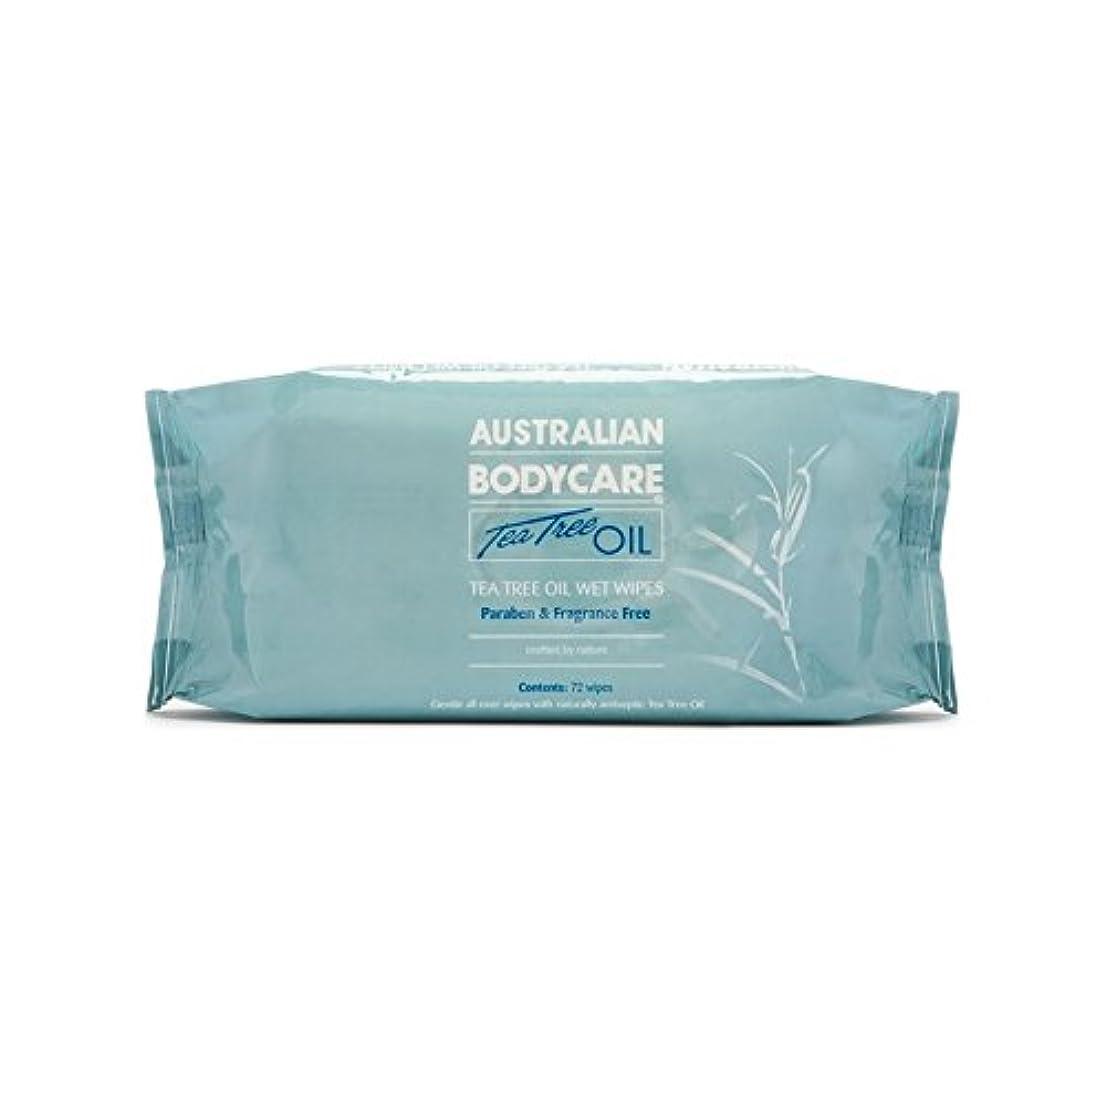 かろうじてマイクロフォン窓を洗うAustralian Bodycare Eco Wipes (72 Pack) (Pack of 6) - オーストラリアのボディケアエコワイプ(72パック) x6 [並行輸入品]